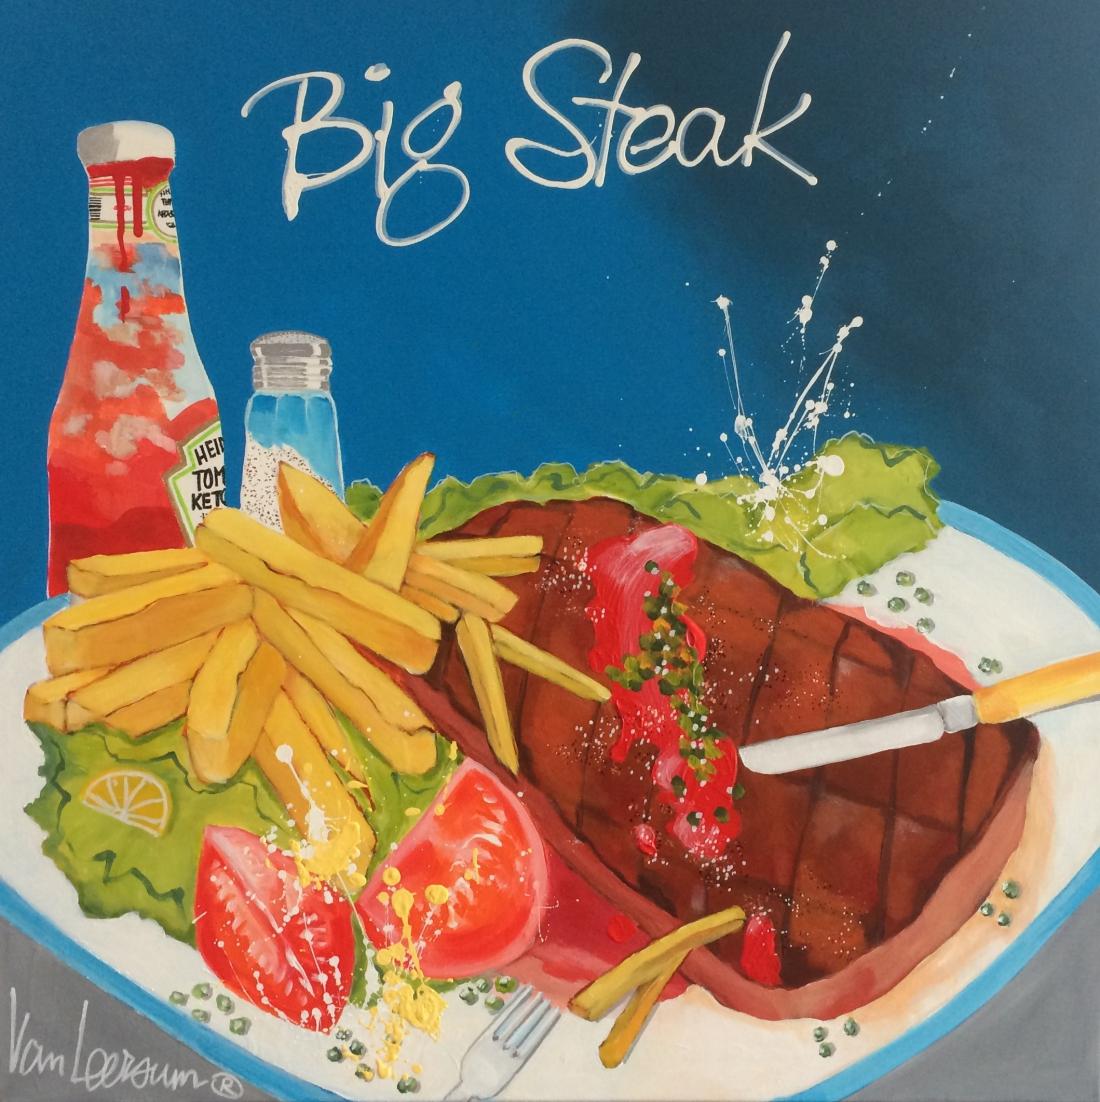 El van Leersum origineel 'Big steak' 80x80